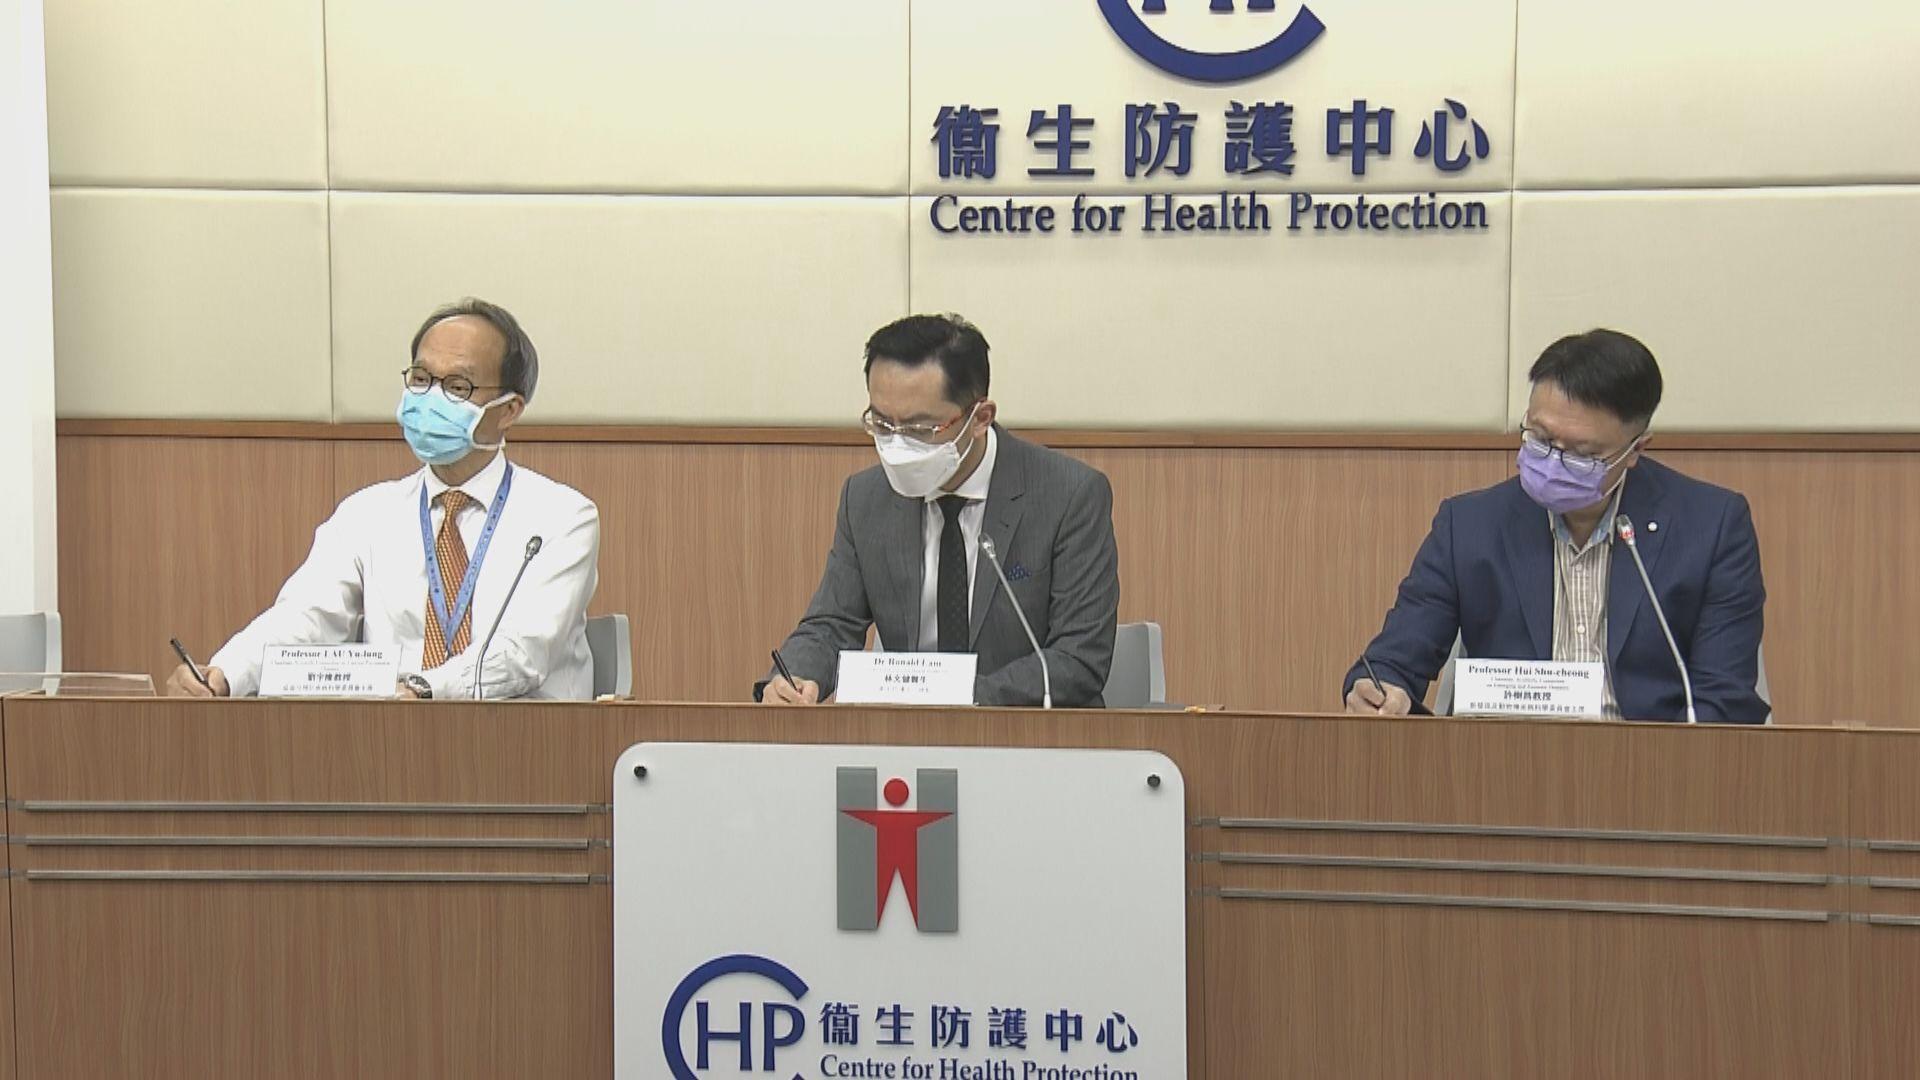 科委會更新長者接種指引 曾安全打流感疫苗可打新冠疫苗